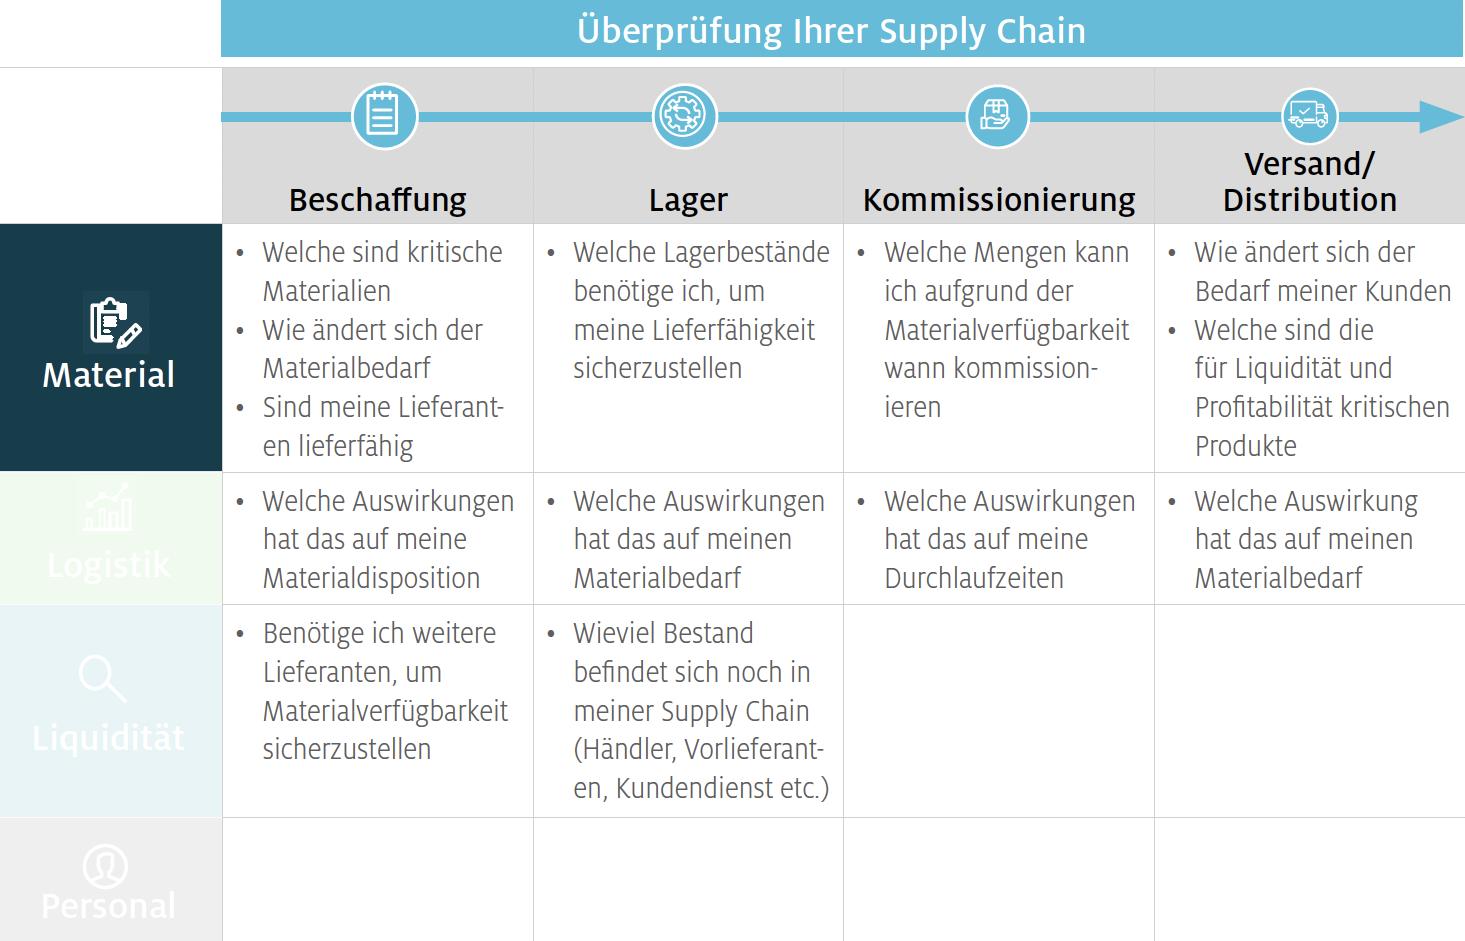 Material – Schaffen Sie Transparenz entlang Ihrer gesamten Supply Chain